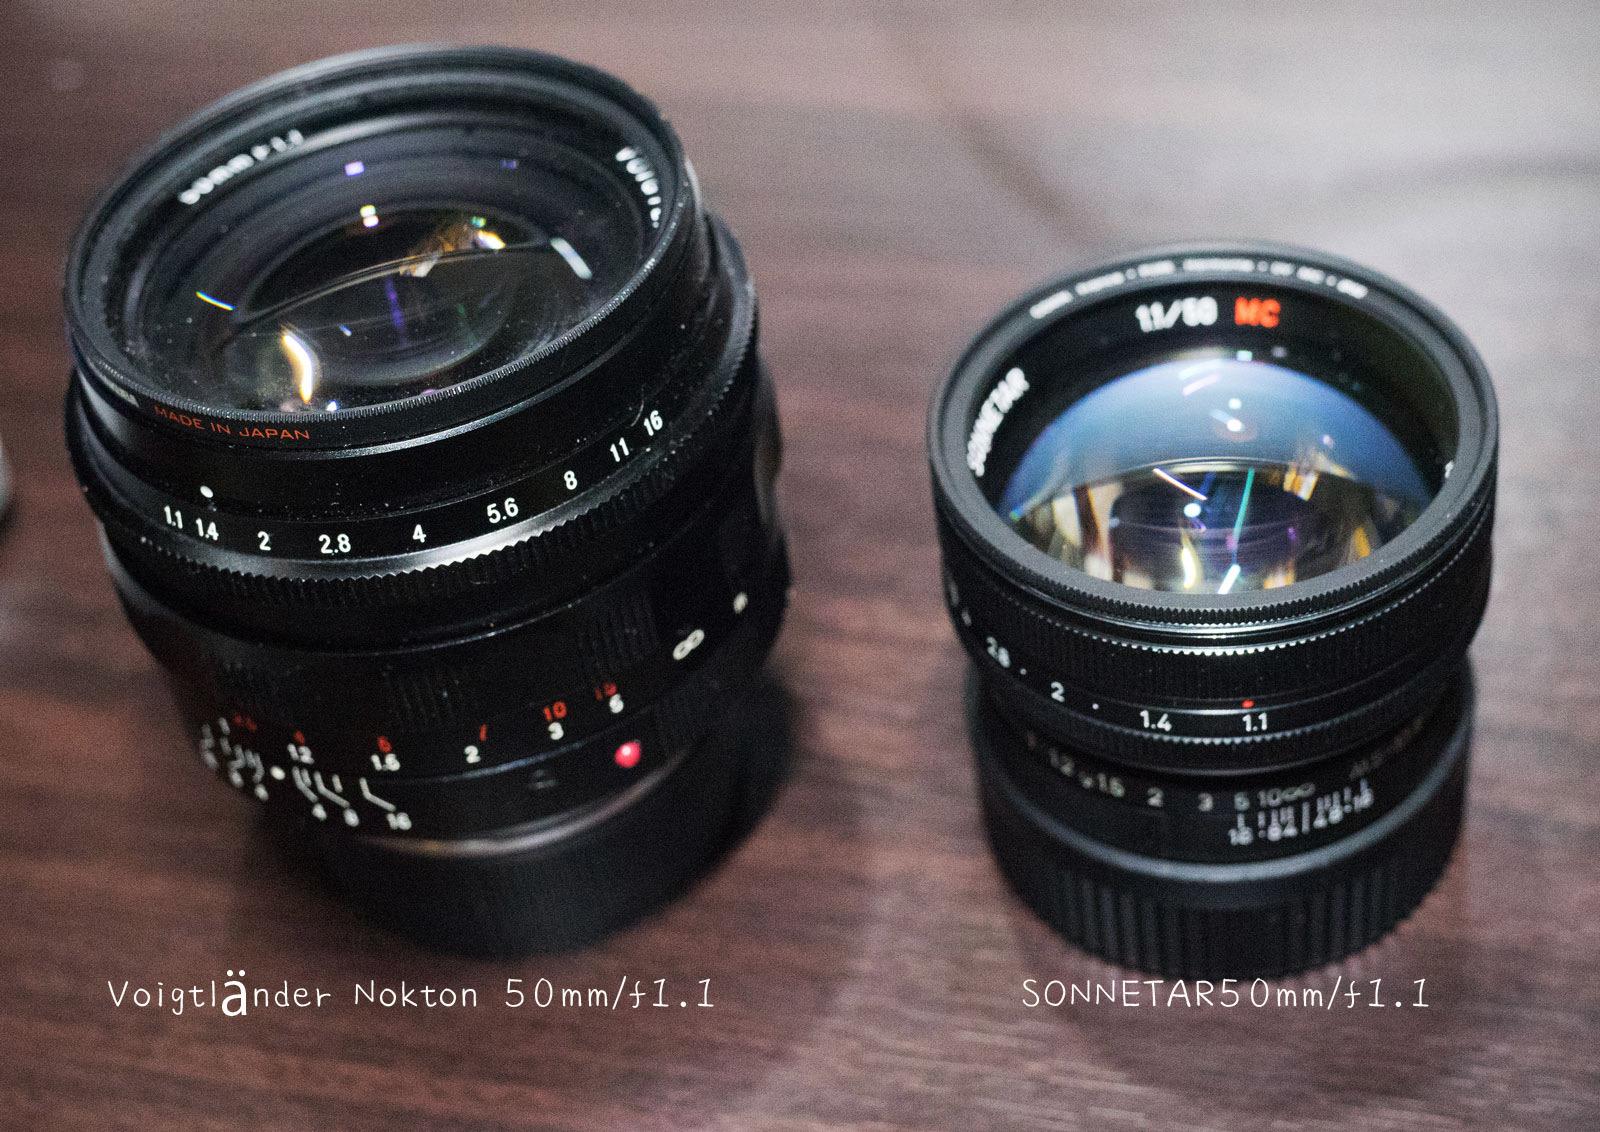 6月最後の日・SONNETAR50mm/f1.1_a0271402_07581631.jpg